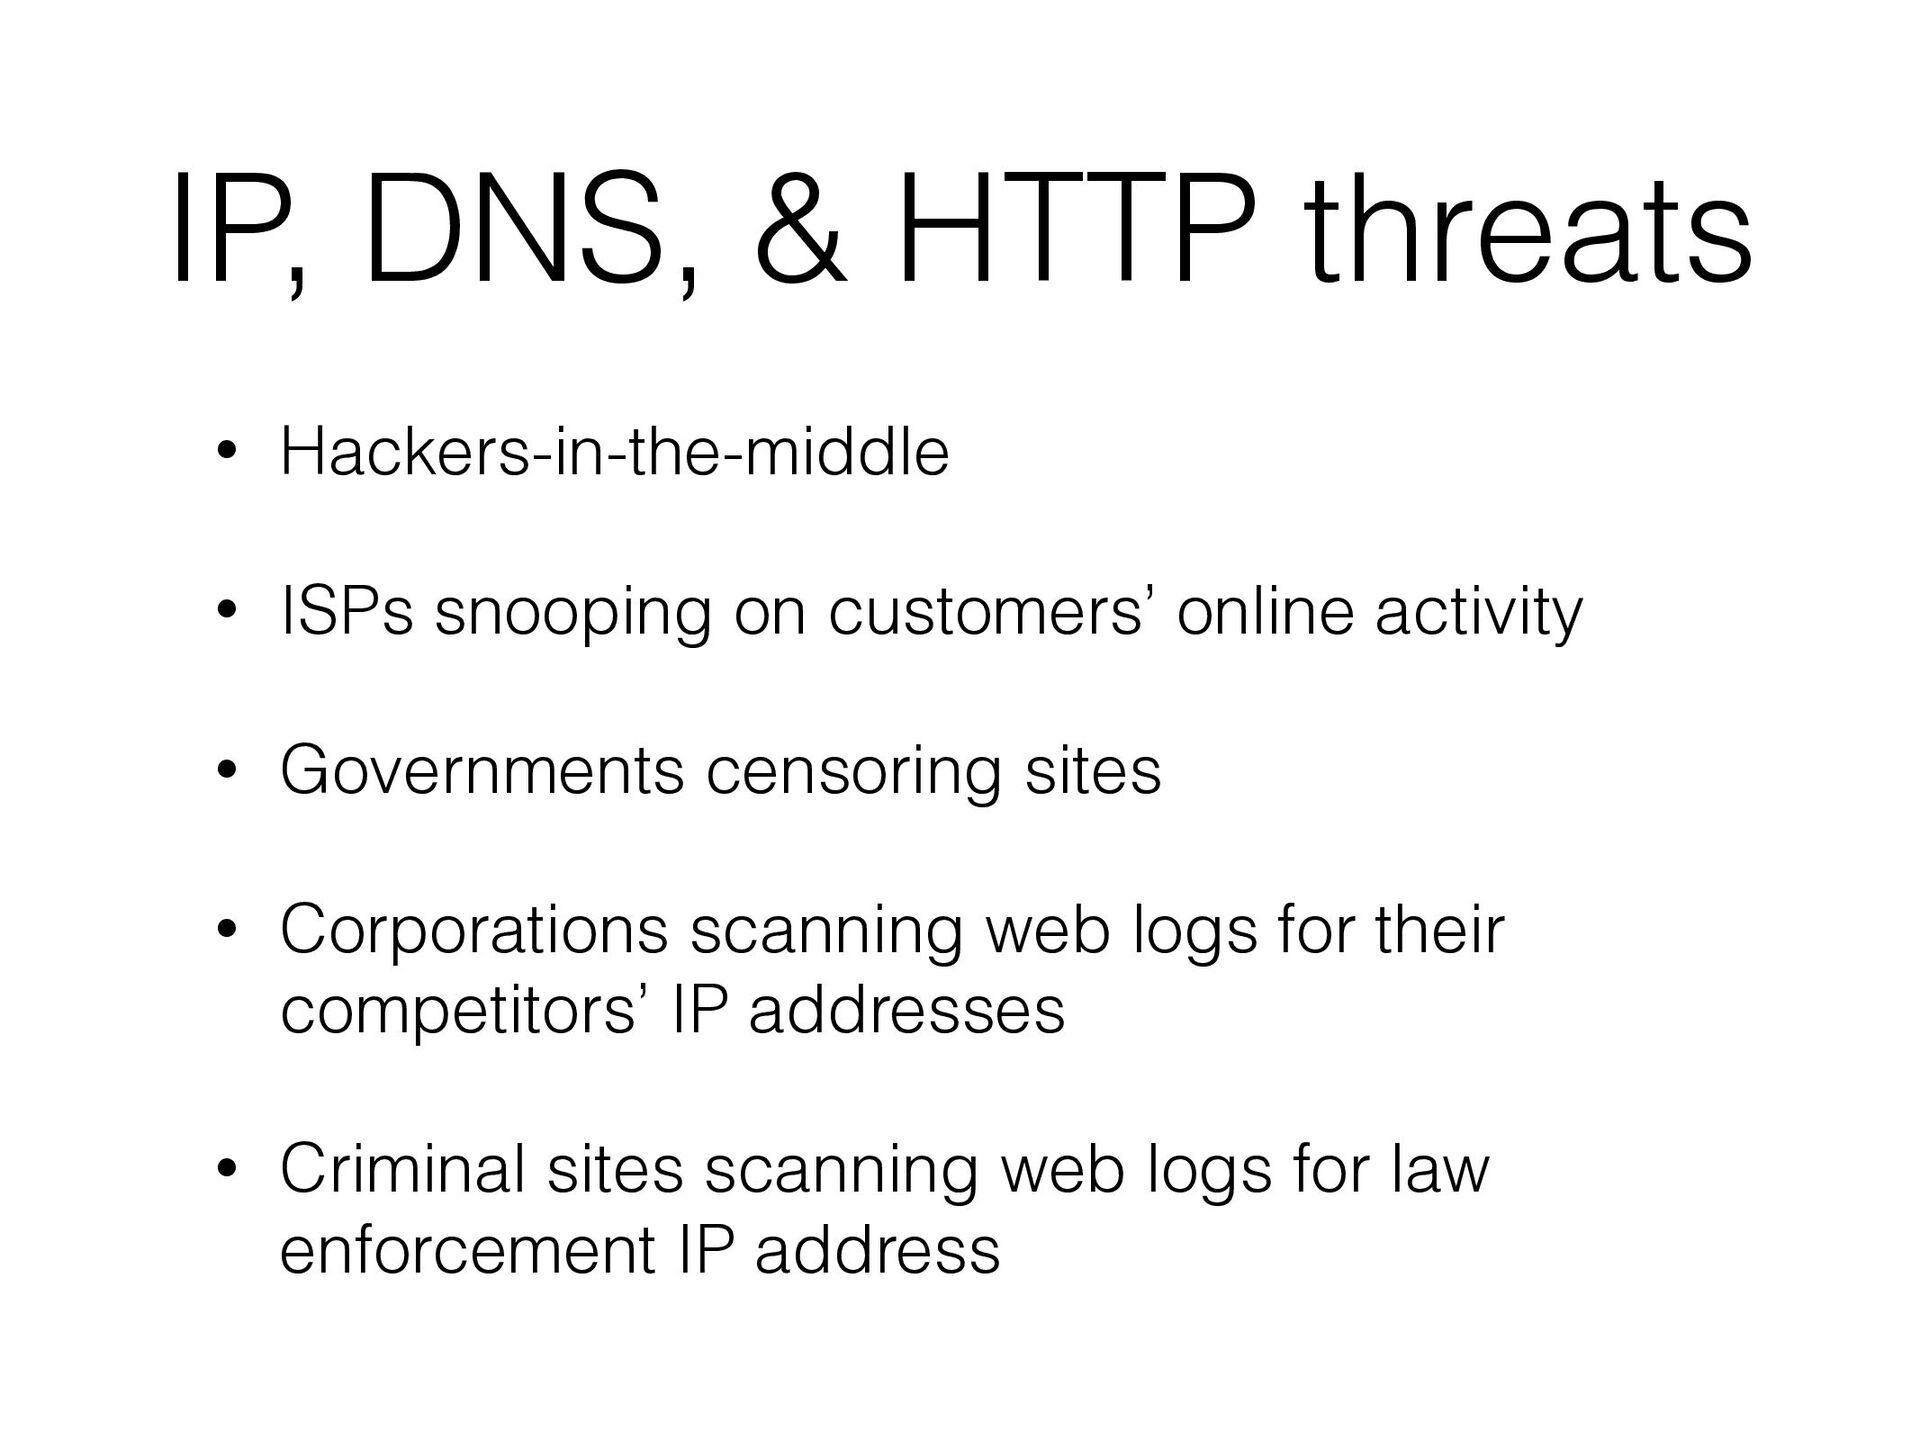 Use burner credit cards